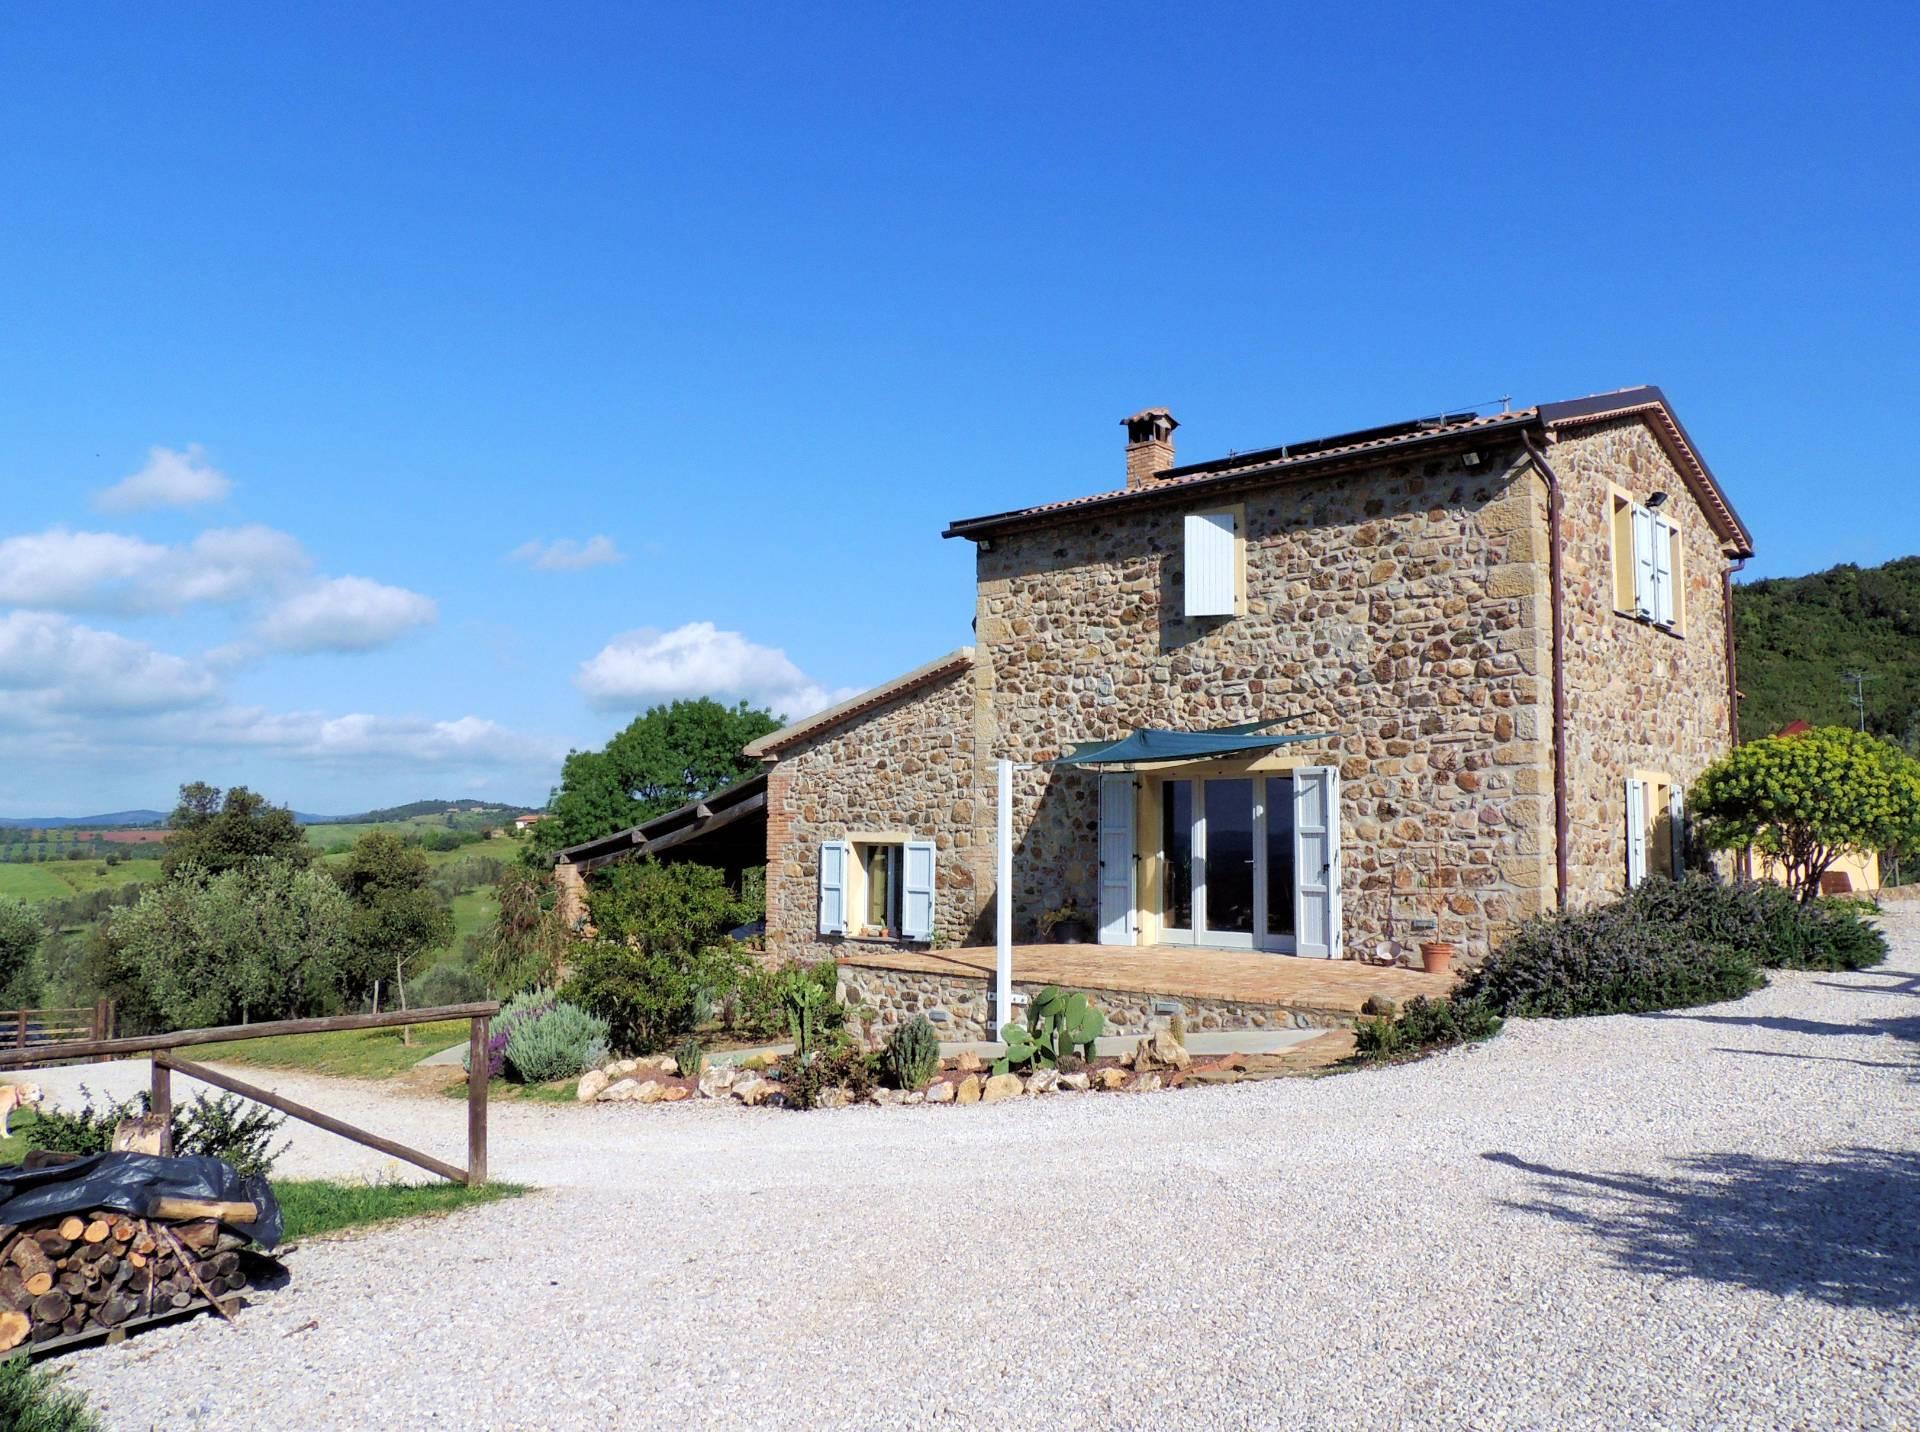 Rustico / Casale in vendita a Roccastrada, 6 locali, zona Zona: Ribolla, prezzo € 530.000 | Cambio Casa.it